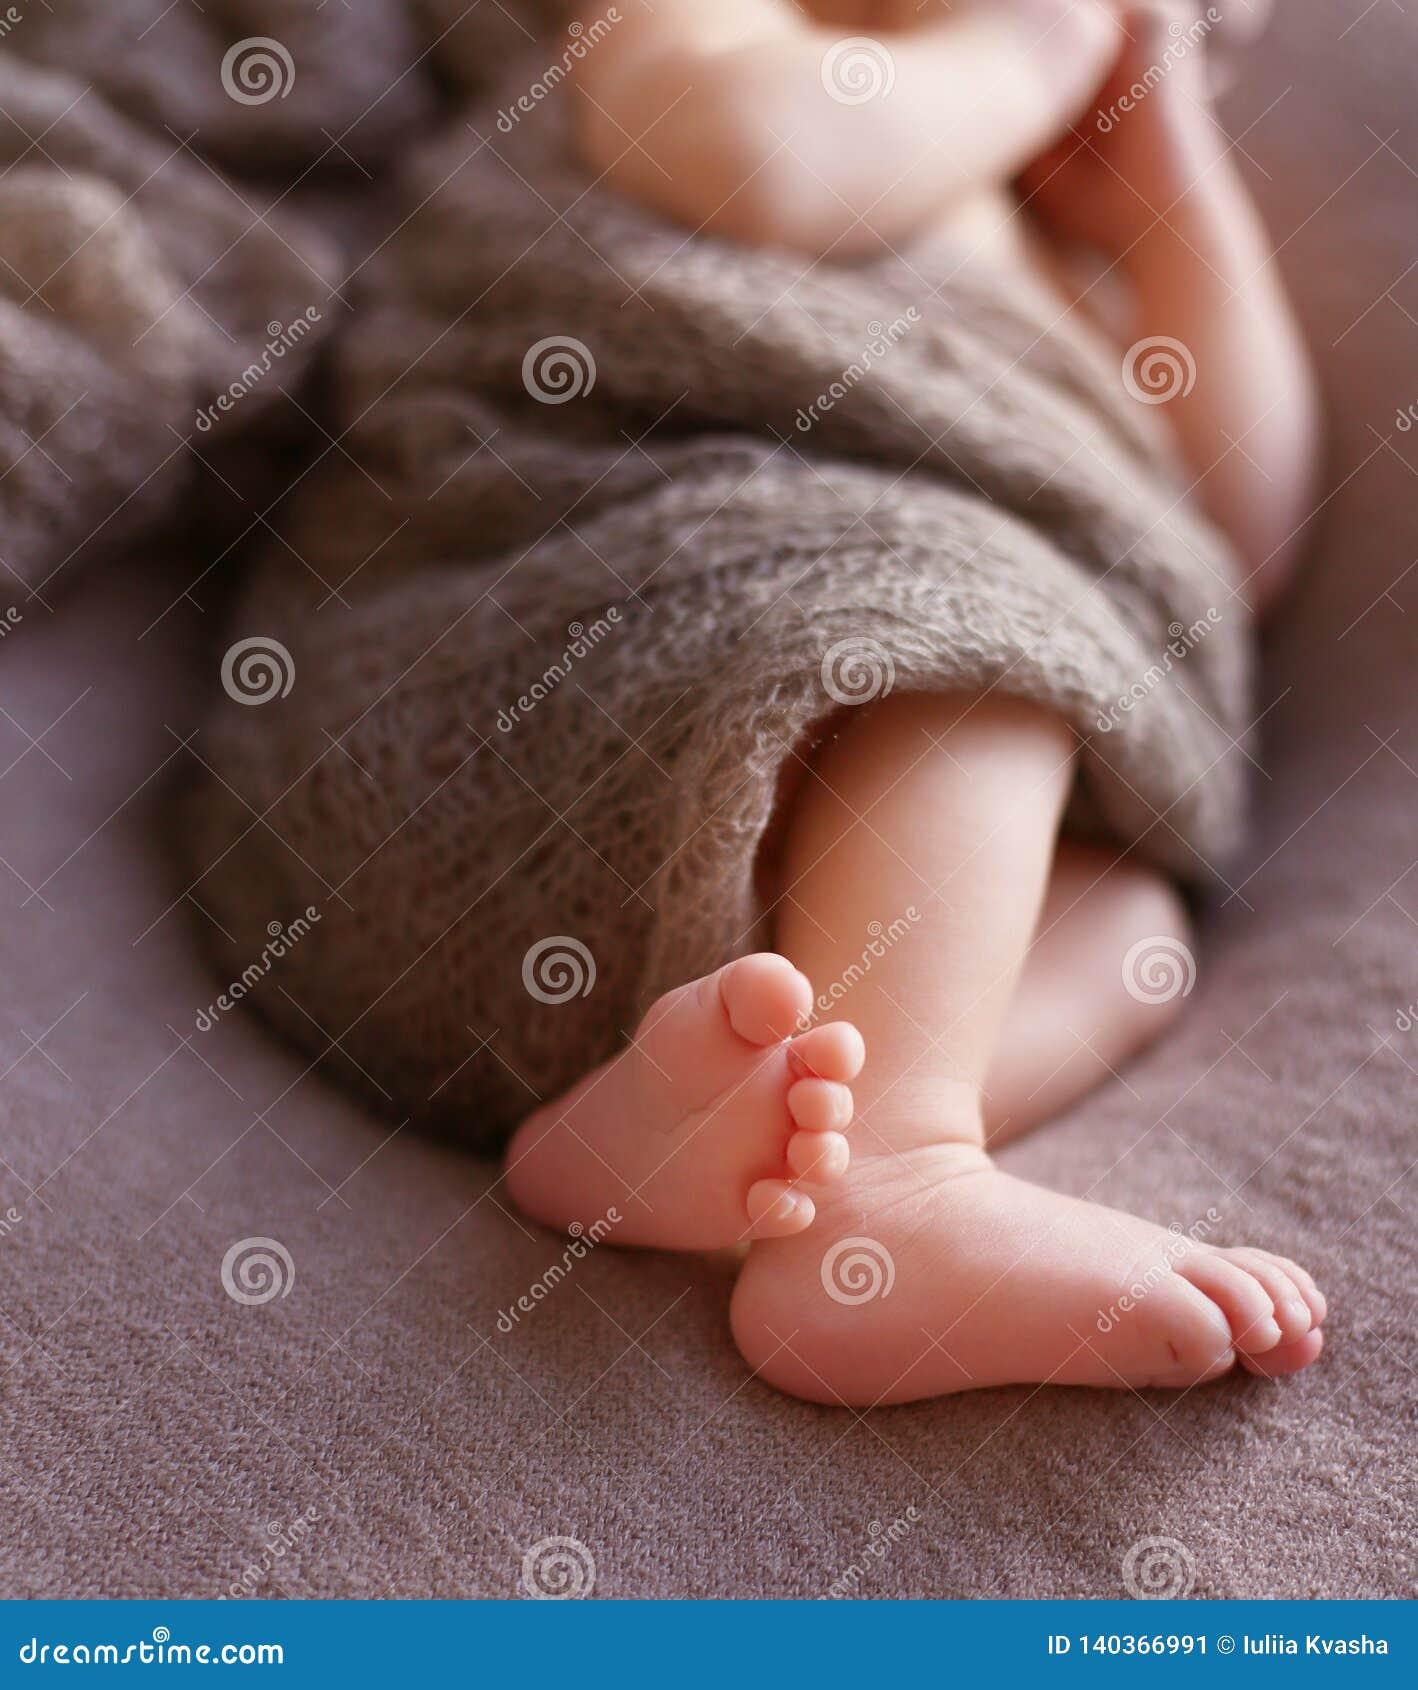 Zachte babyvoeten Verzacht vage achtergrond van de voeten en de hielen van pasgeboren